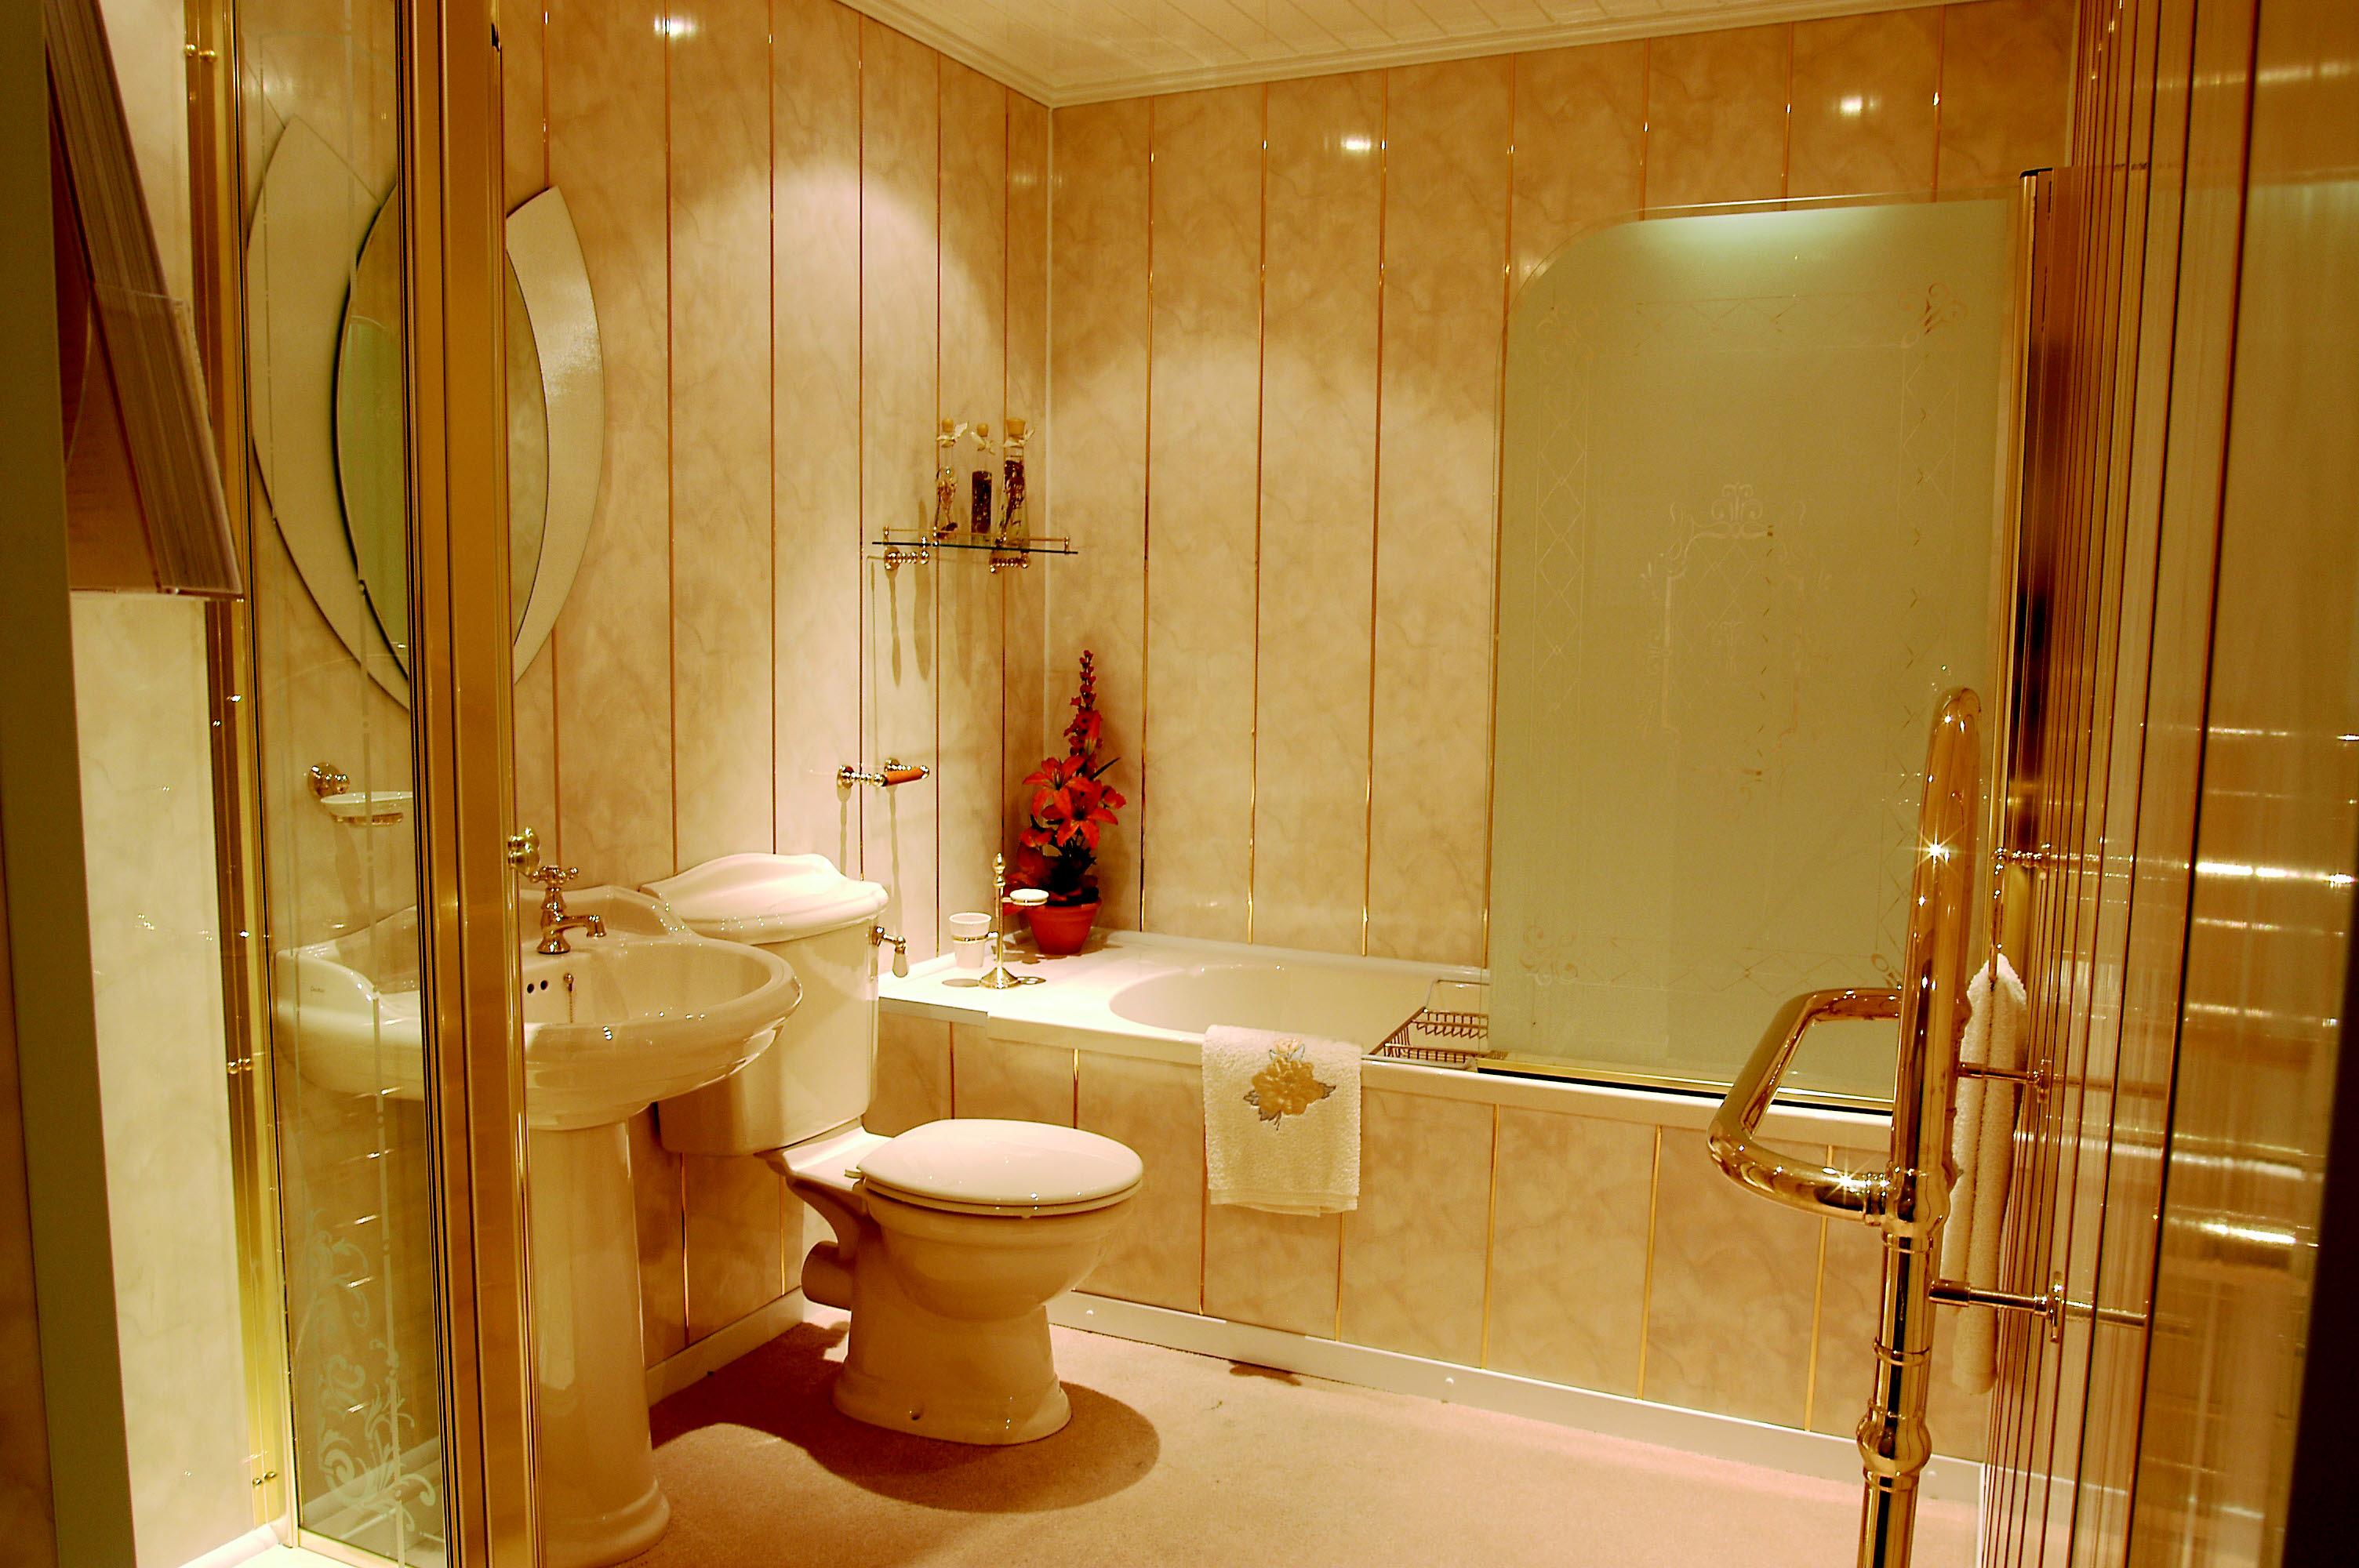 Использование для отделки комнаты панели не только красиво, и вместе с тем практично и удобно